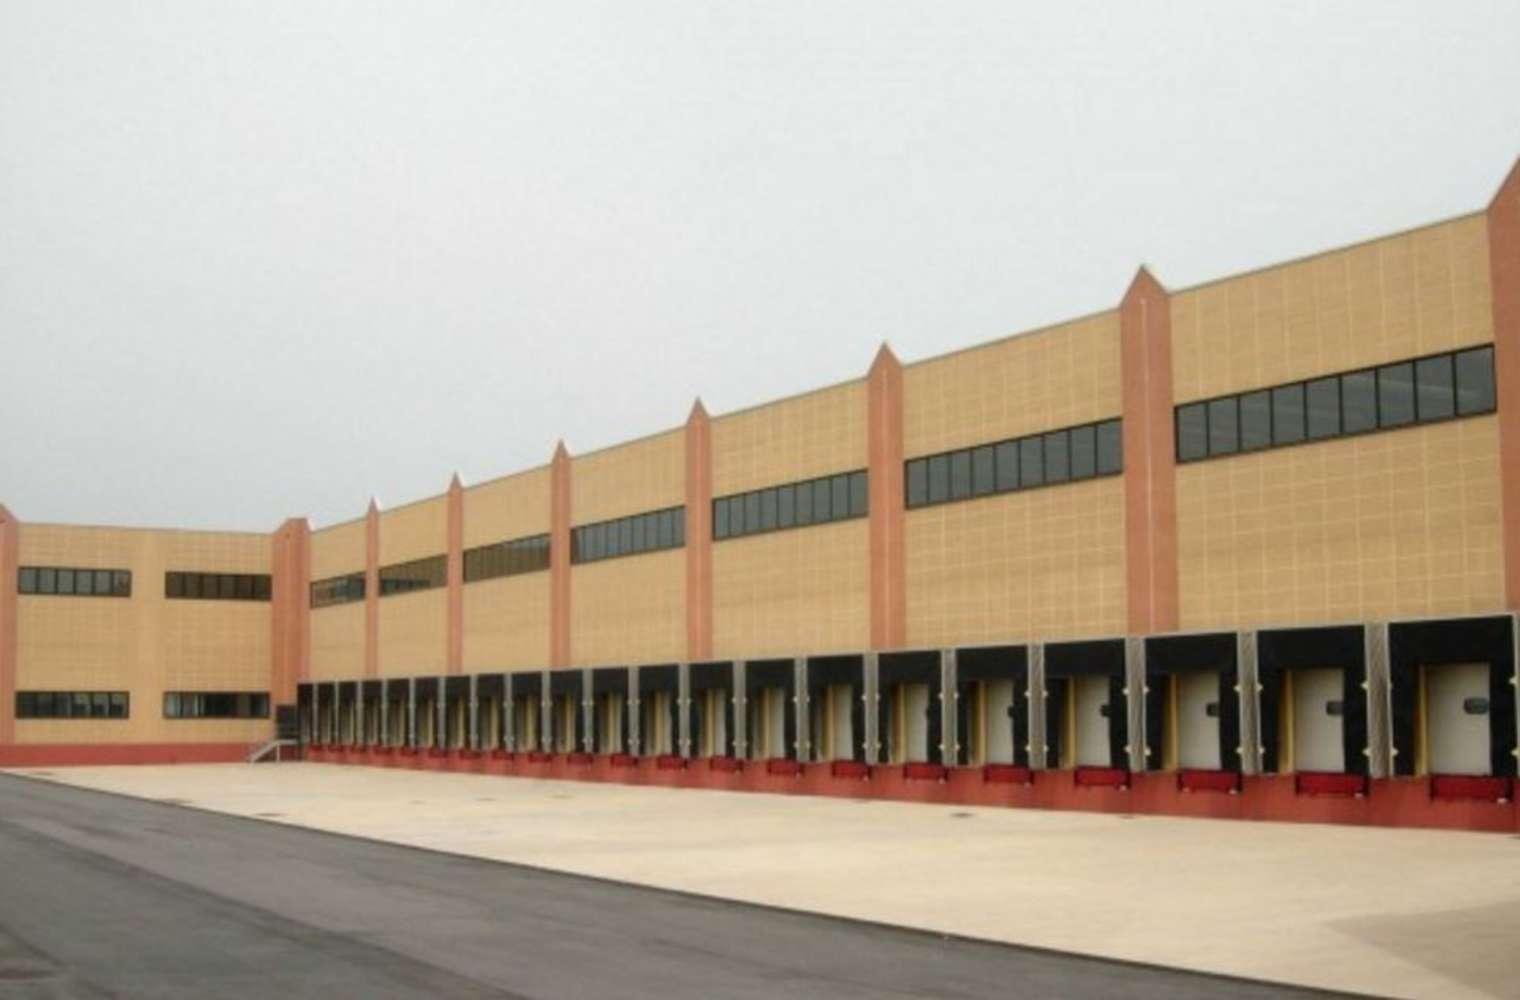 Magazzini industriali e logistici Lonate pozzolo, 21015 - Lonate Pozzolo Warehouse - 8904208